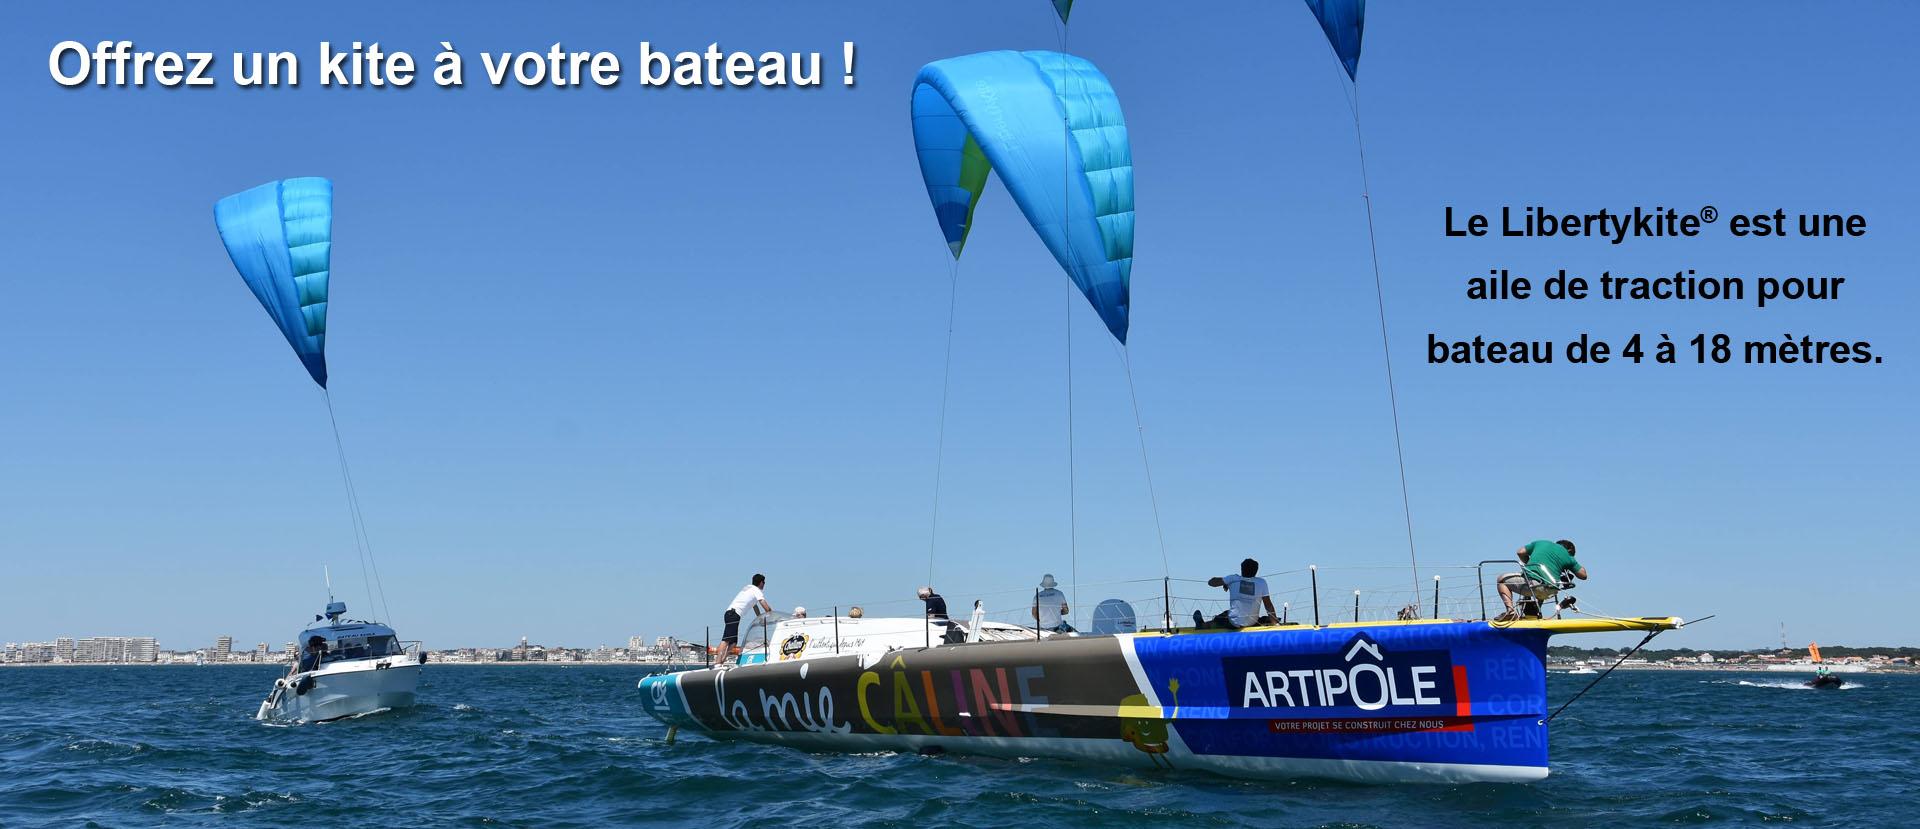 liberty-kite-bateau-20